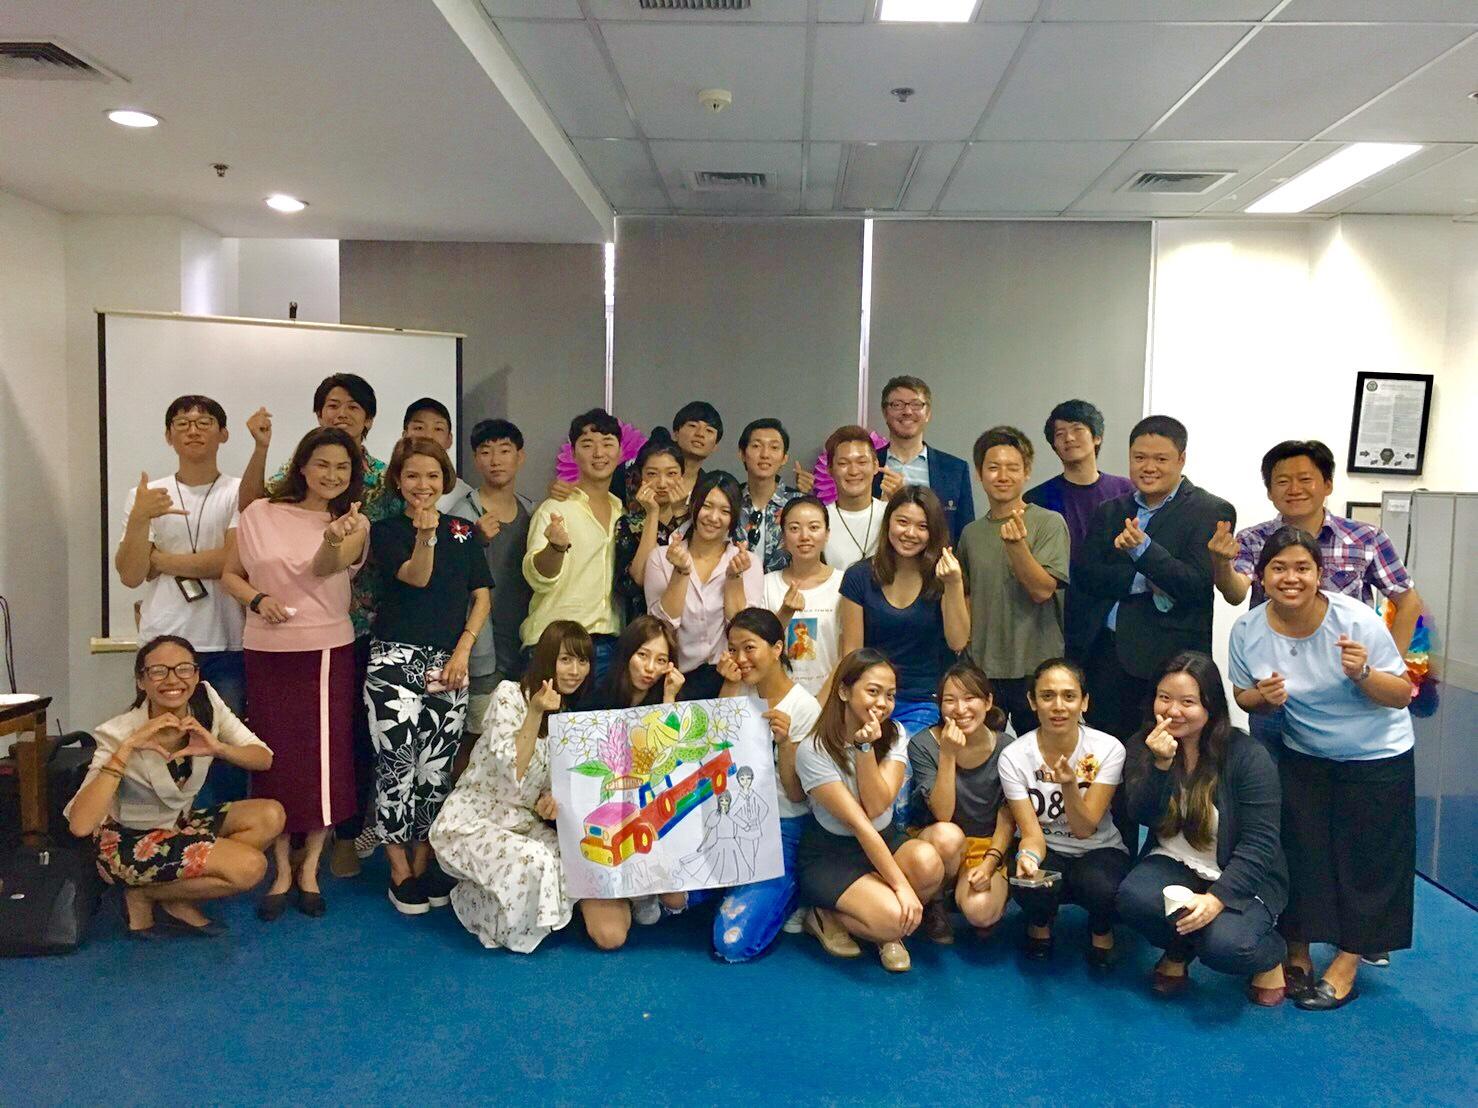 フィリピン語学学校では学校のイベントも